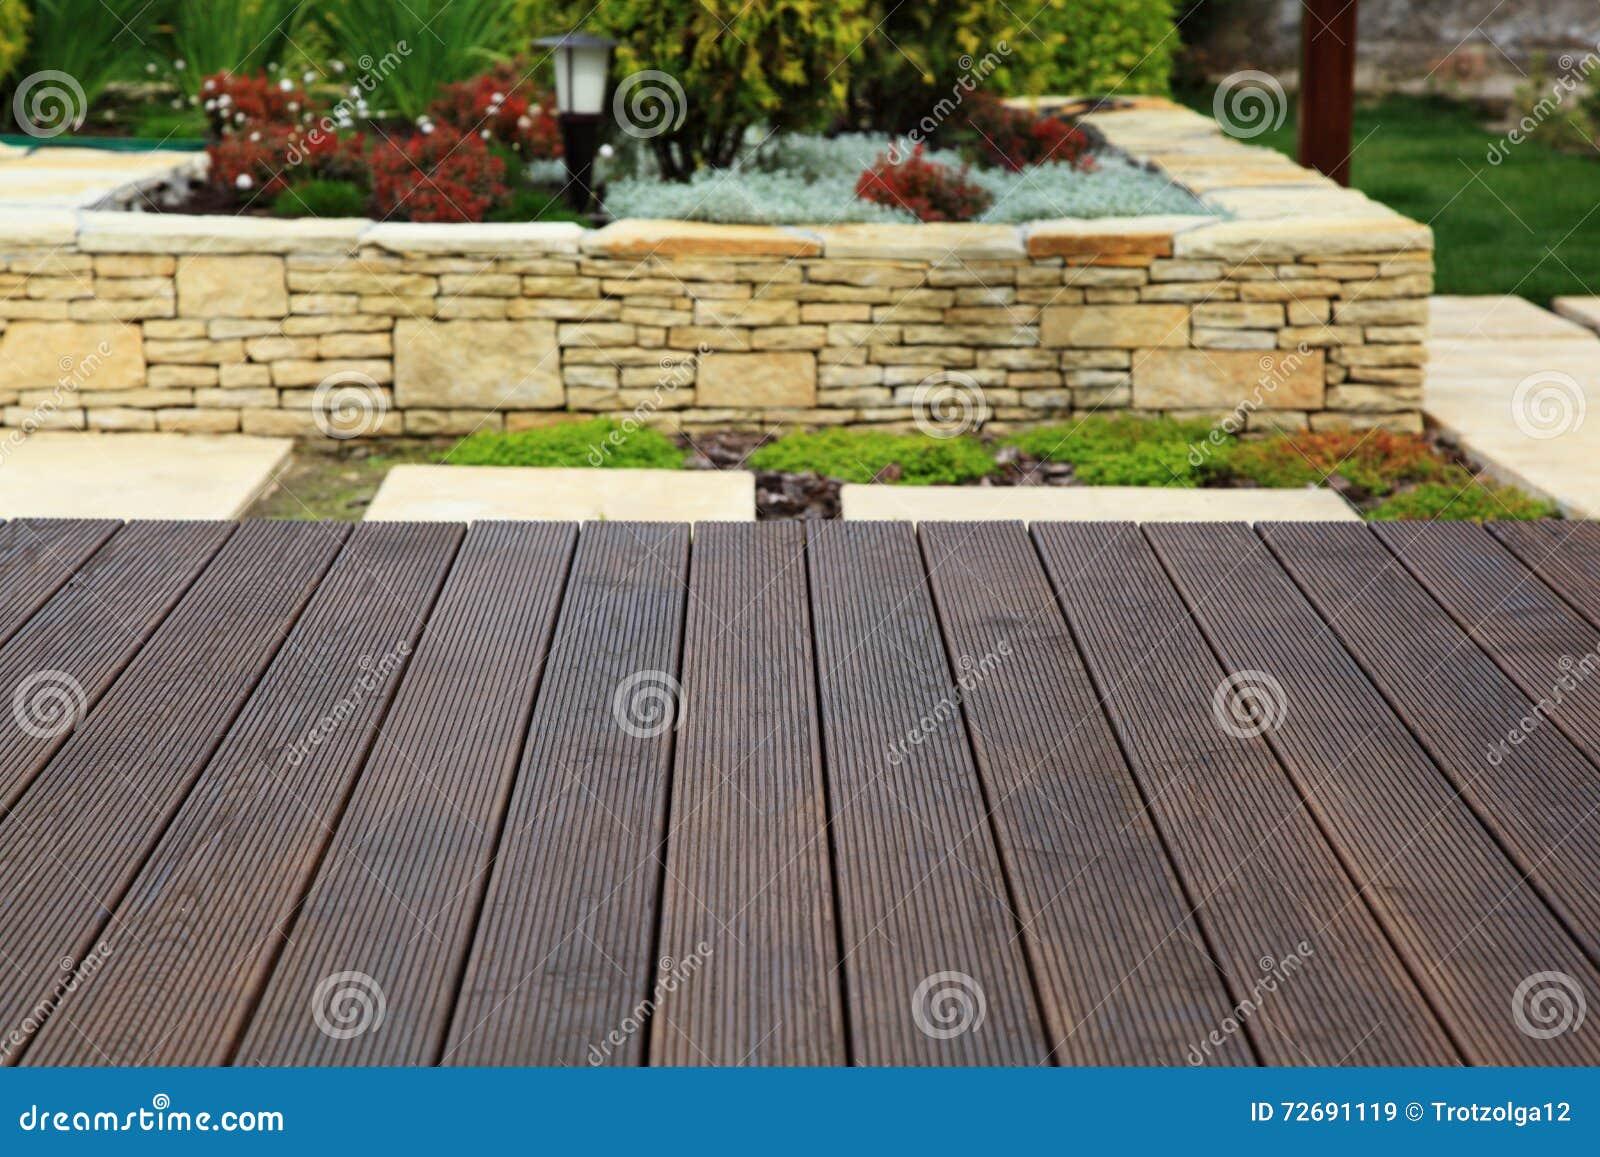 Pavimento di legno sopra il bello giardino decorativo - Il giardino di legno ...